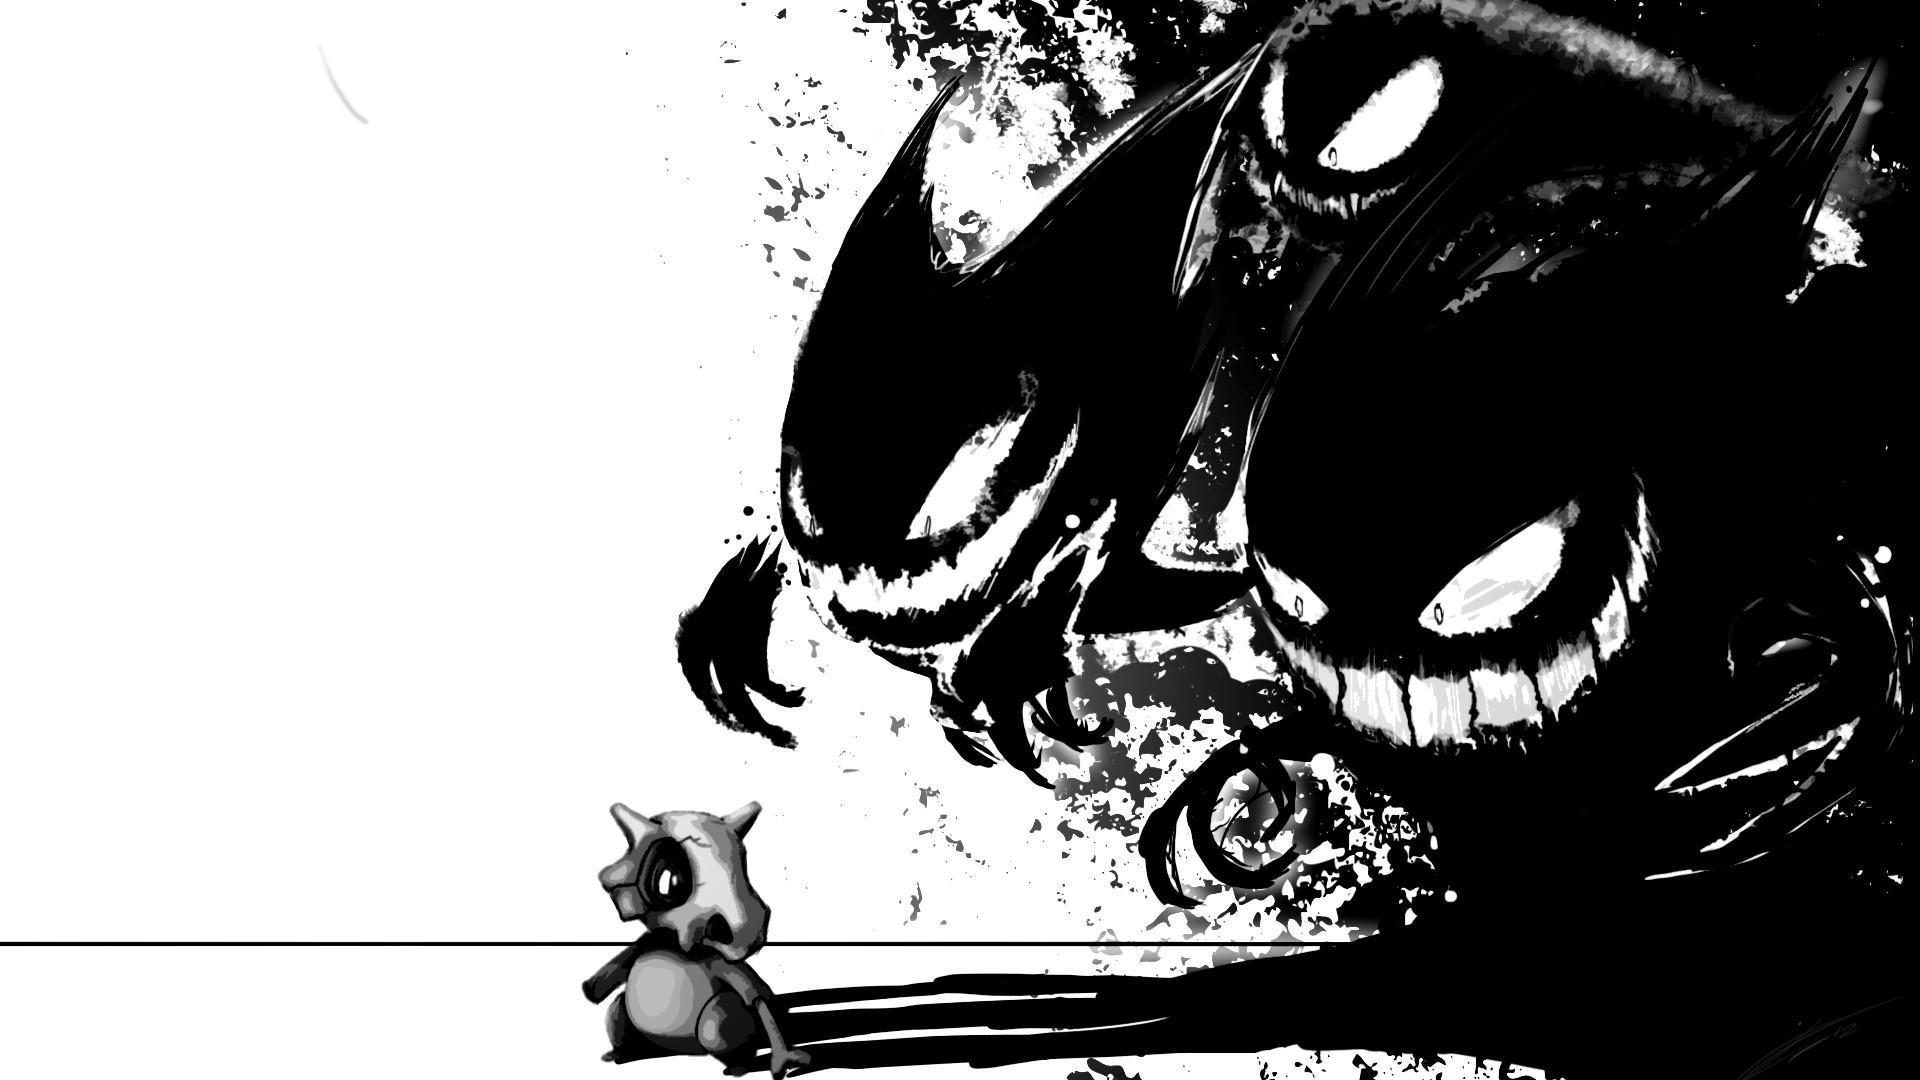 Hình nền đen trắng anime Pokemon